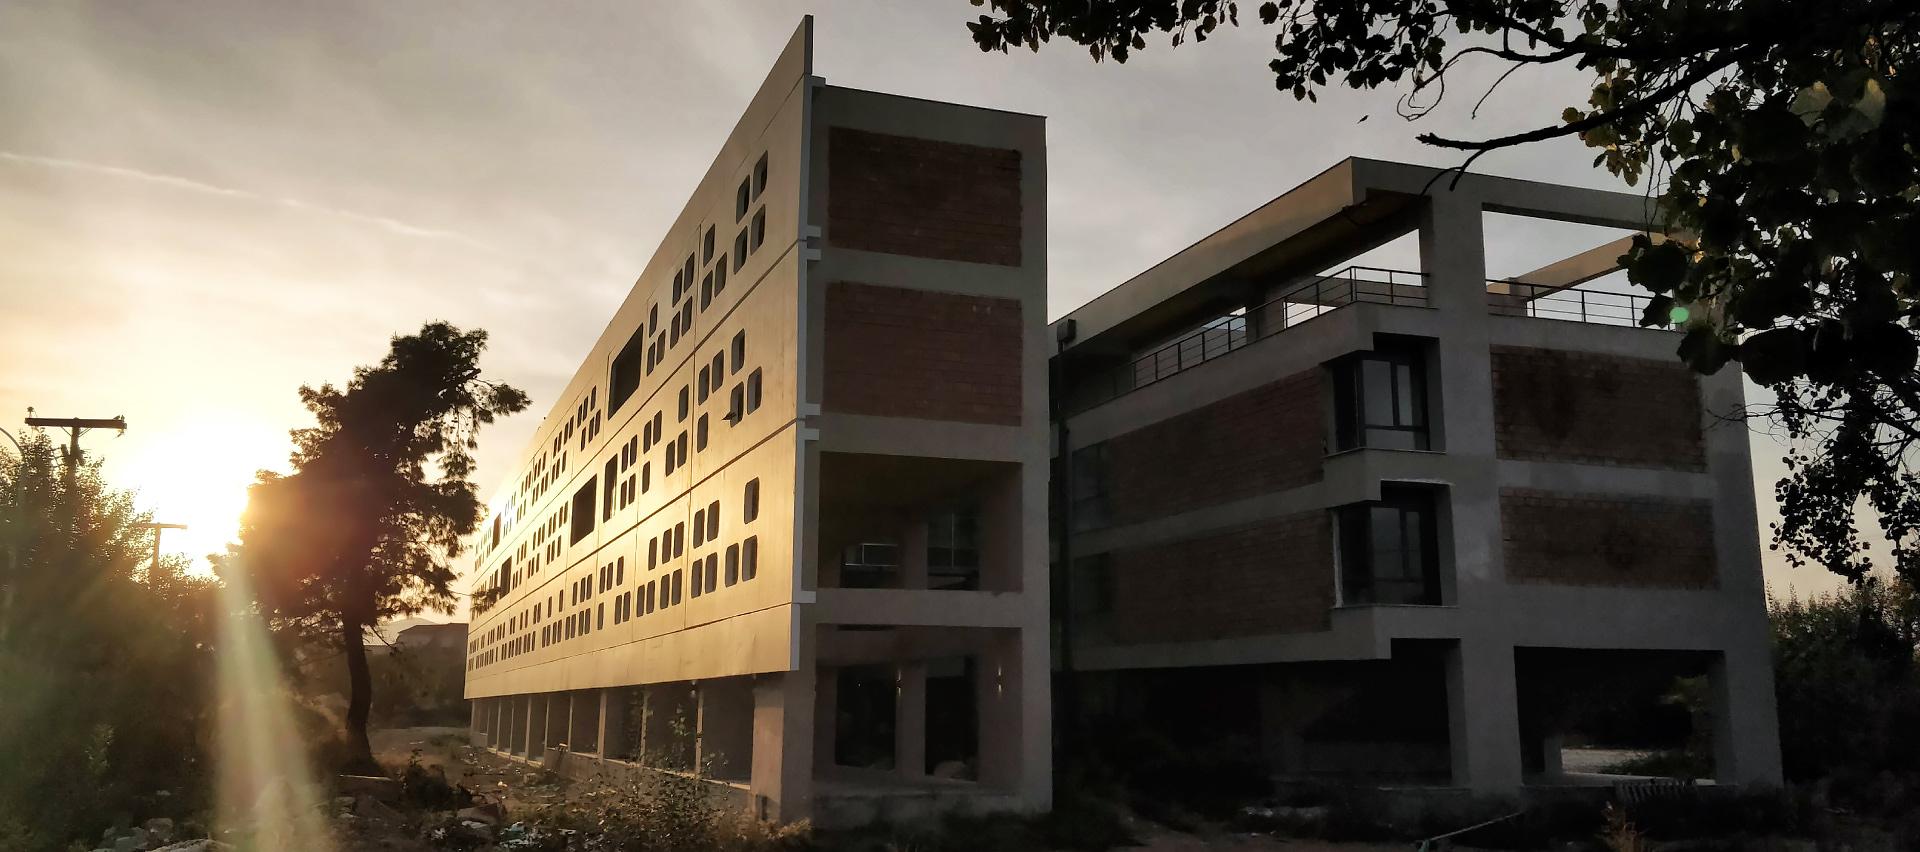 Πρόσοψη Νέου Κτιρίου Τμήματος ΗΜΜΥ Πανεπιστημίου Θεσσαλίας cover image